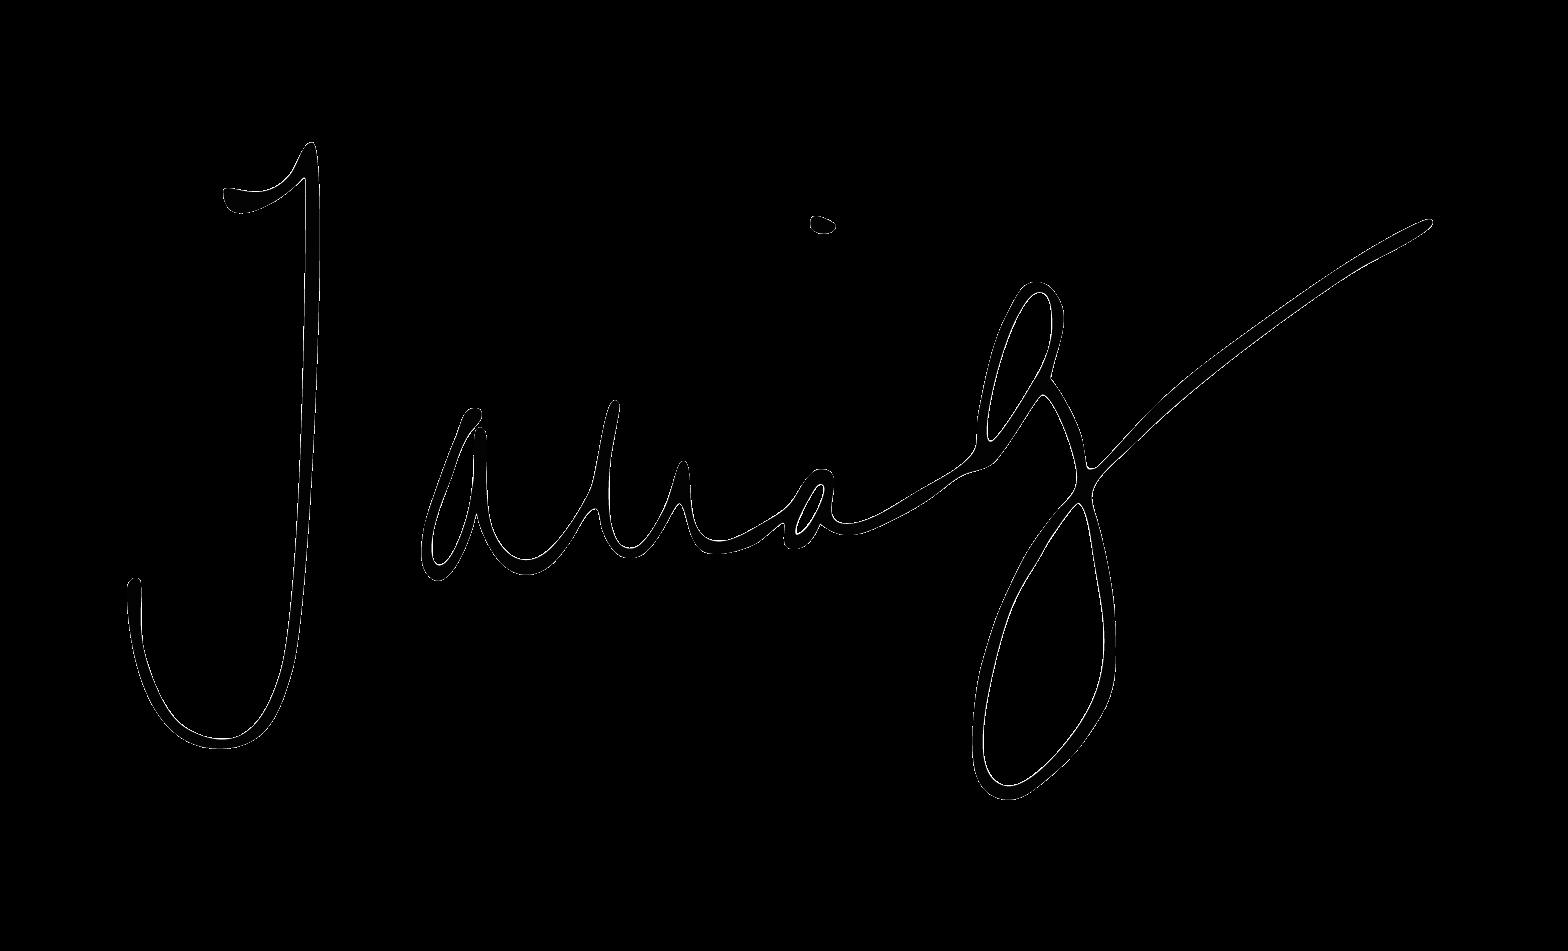 Talia signature